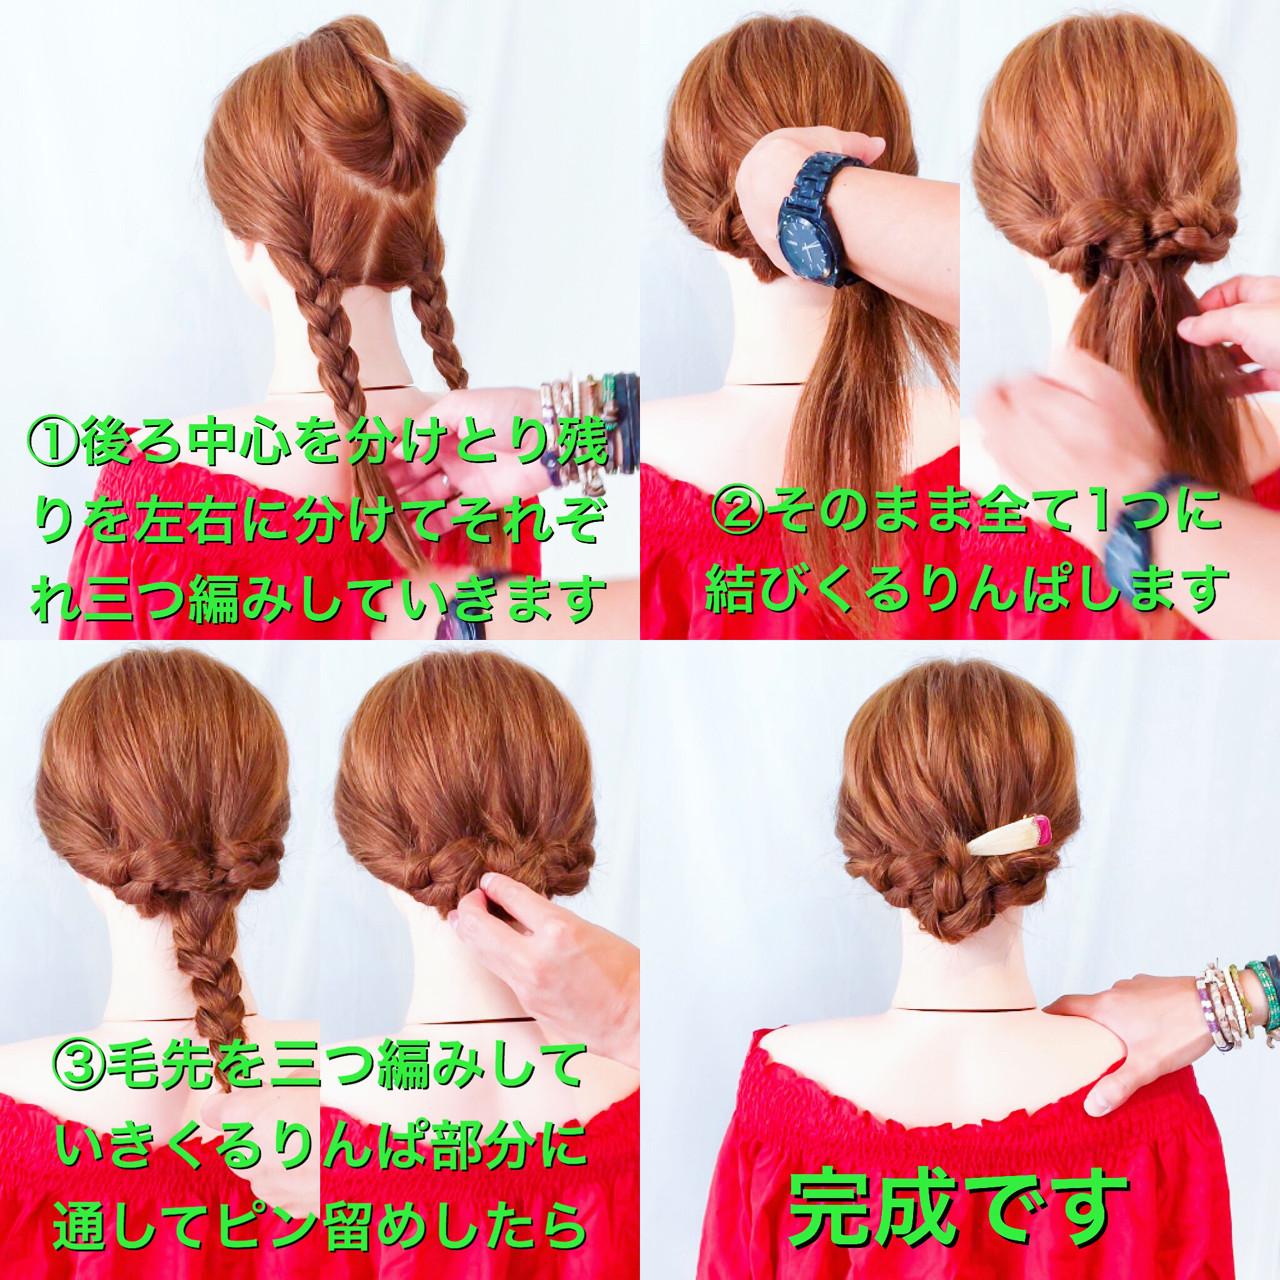 三つ編みくるりんぱで可愛くアレンジできちゃう♡ 美容師 HIRO